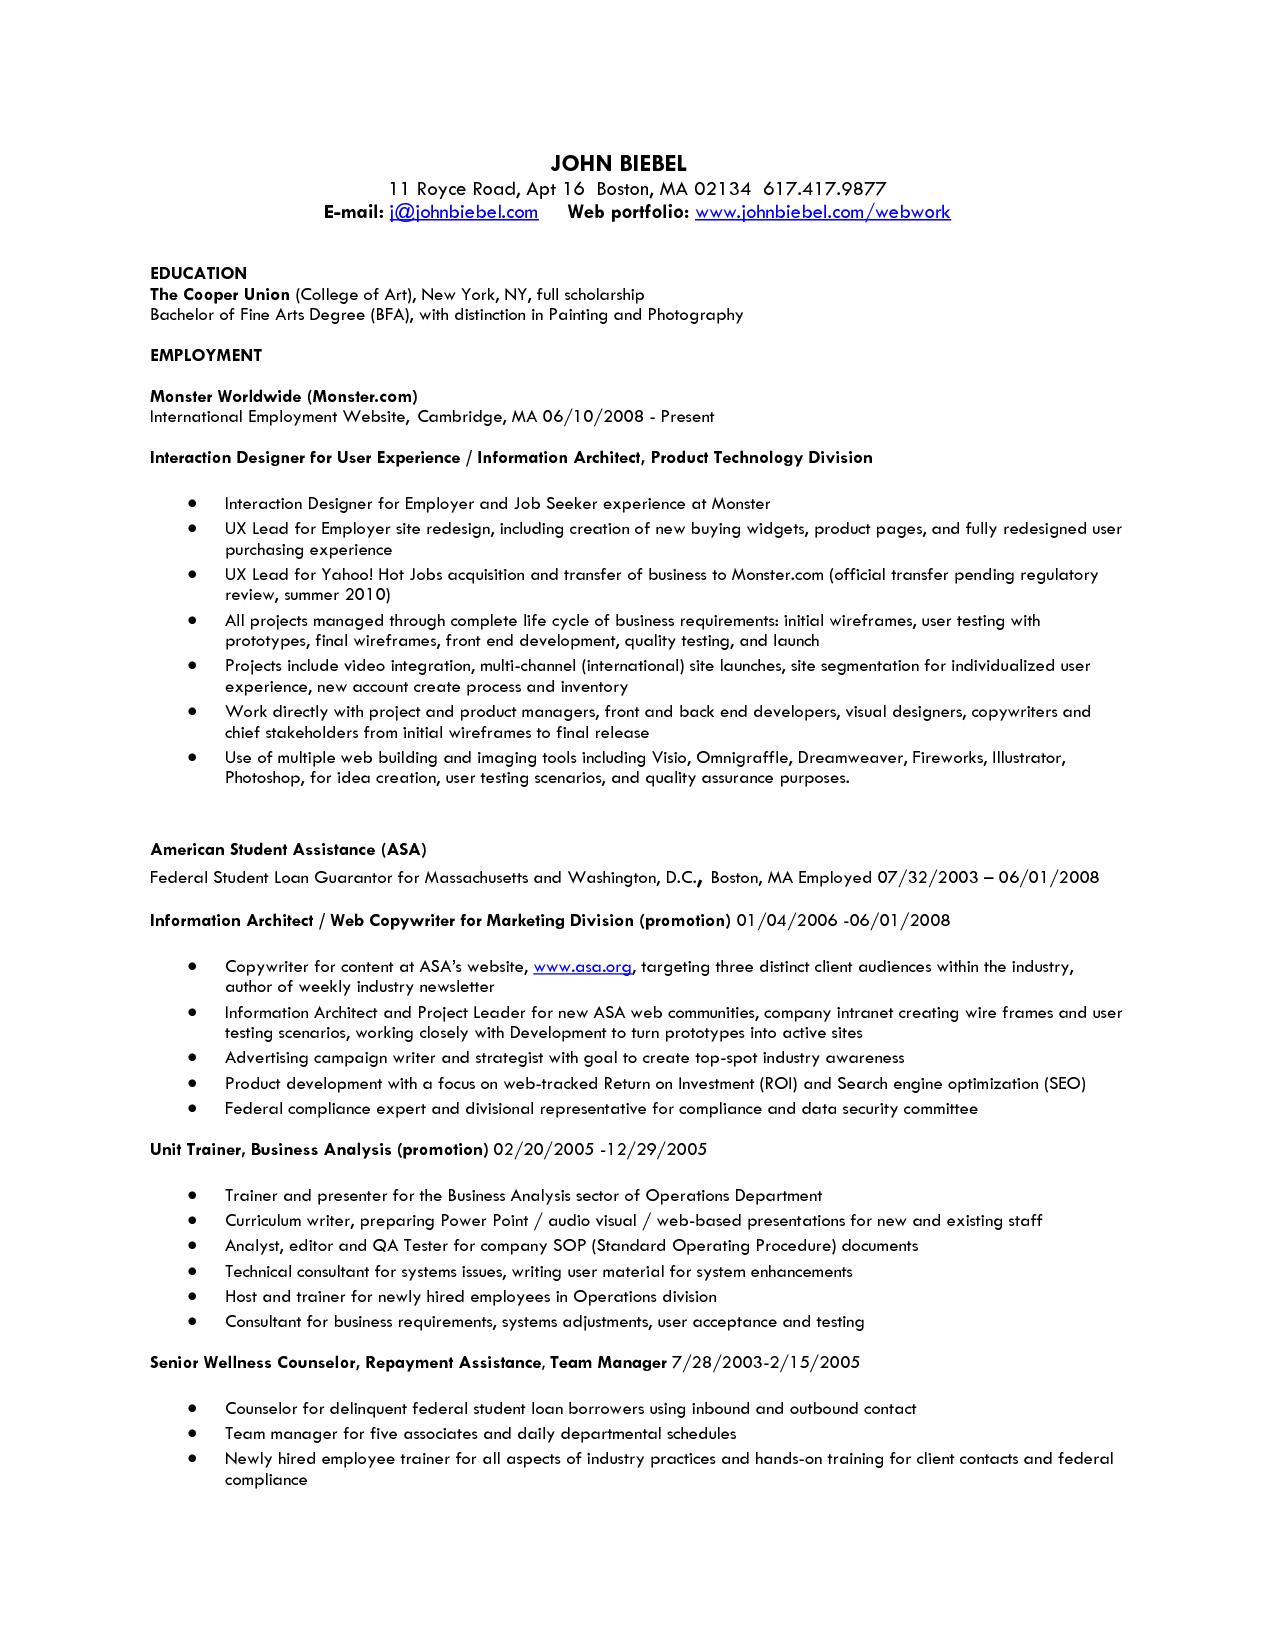 011 House Painter Job Description Employment Essay Impressive Descriptive Format Rubric Pdf Outline And Structure Full